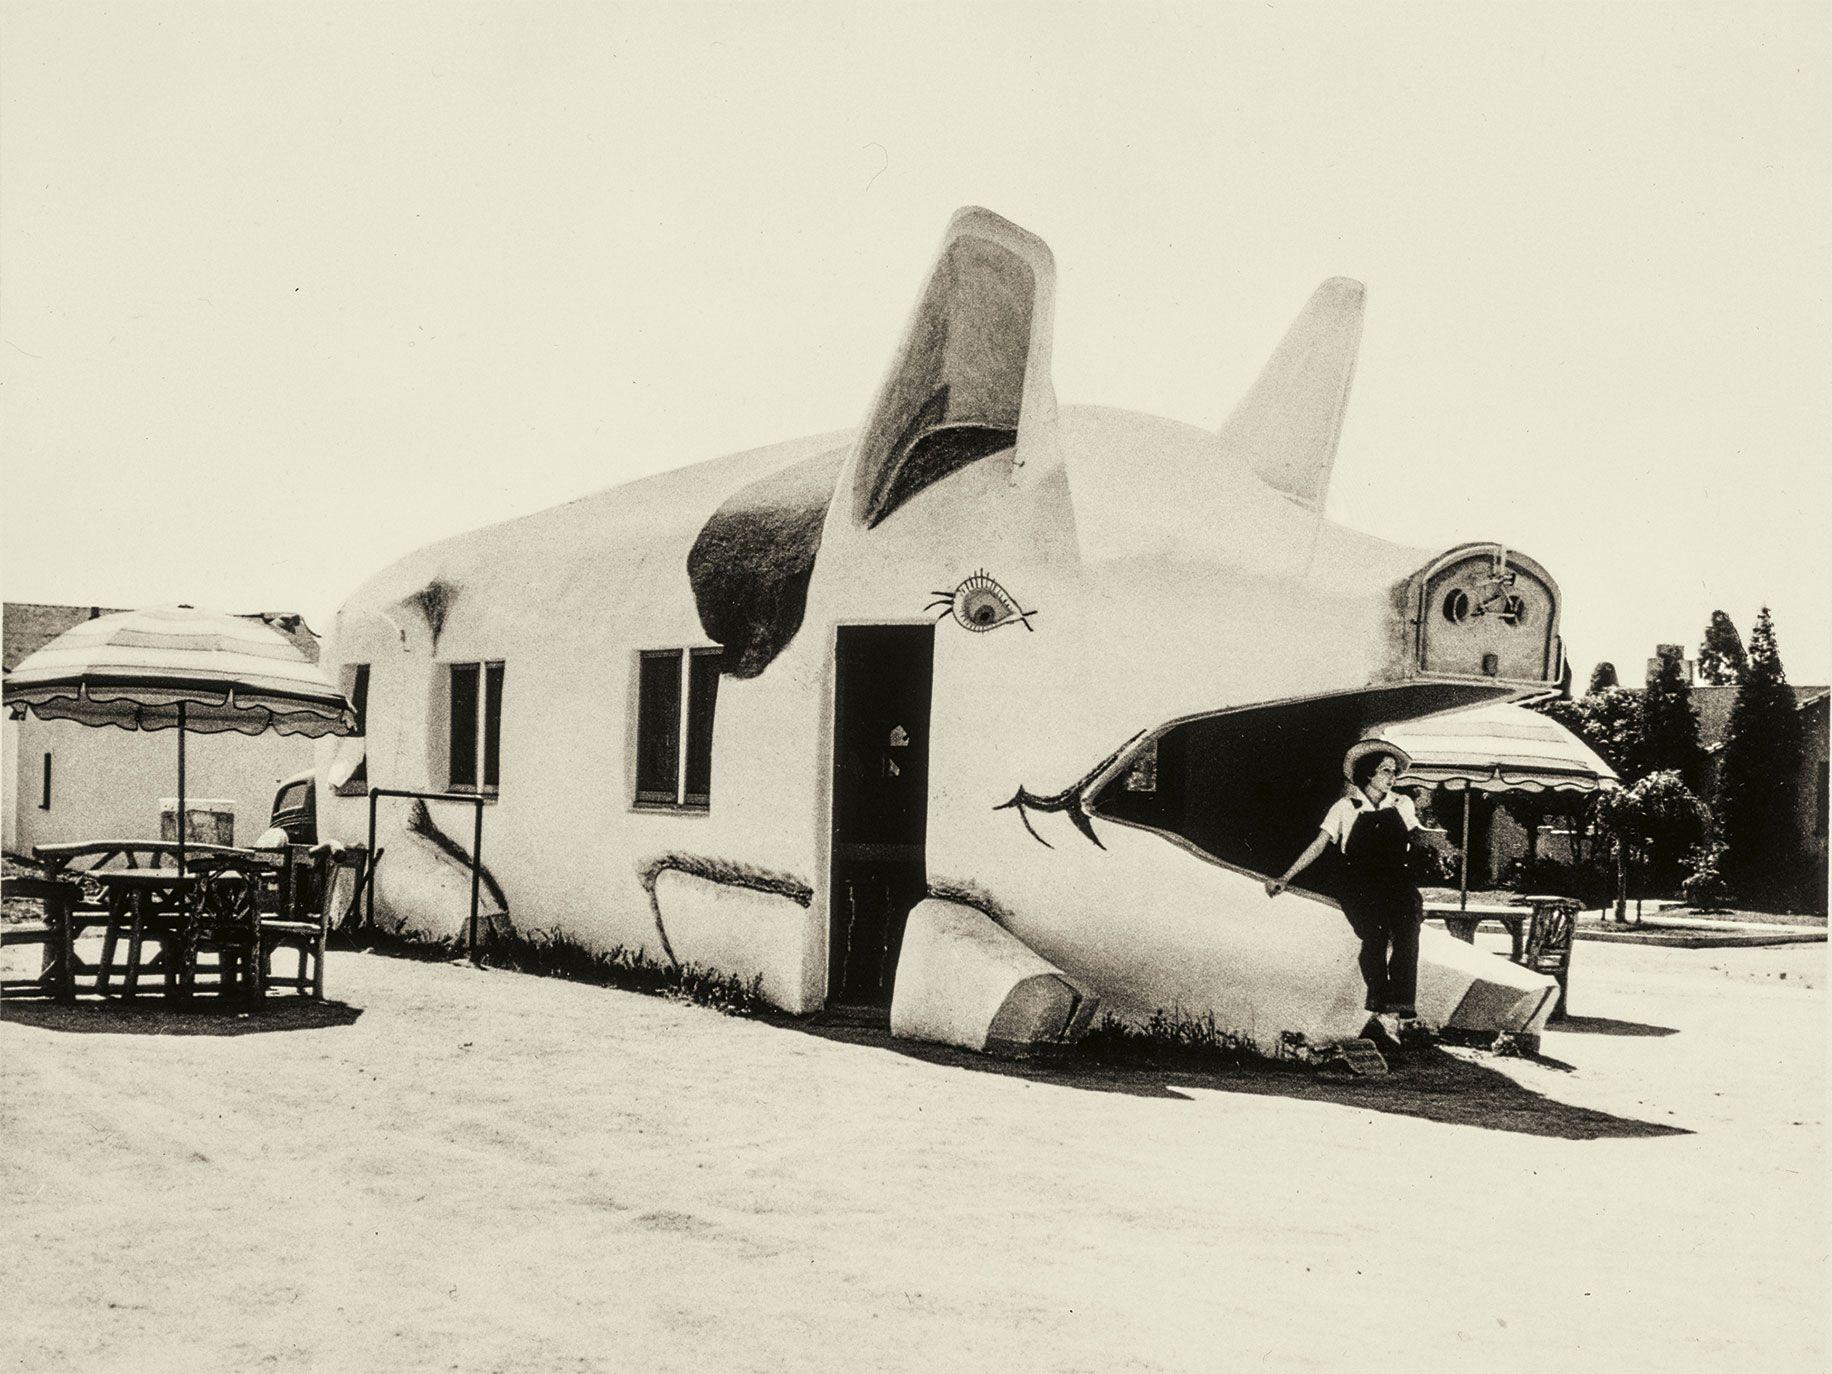 Pig Cafe in Los Angeles (circa 1934).